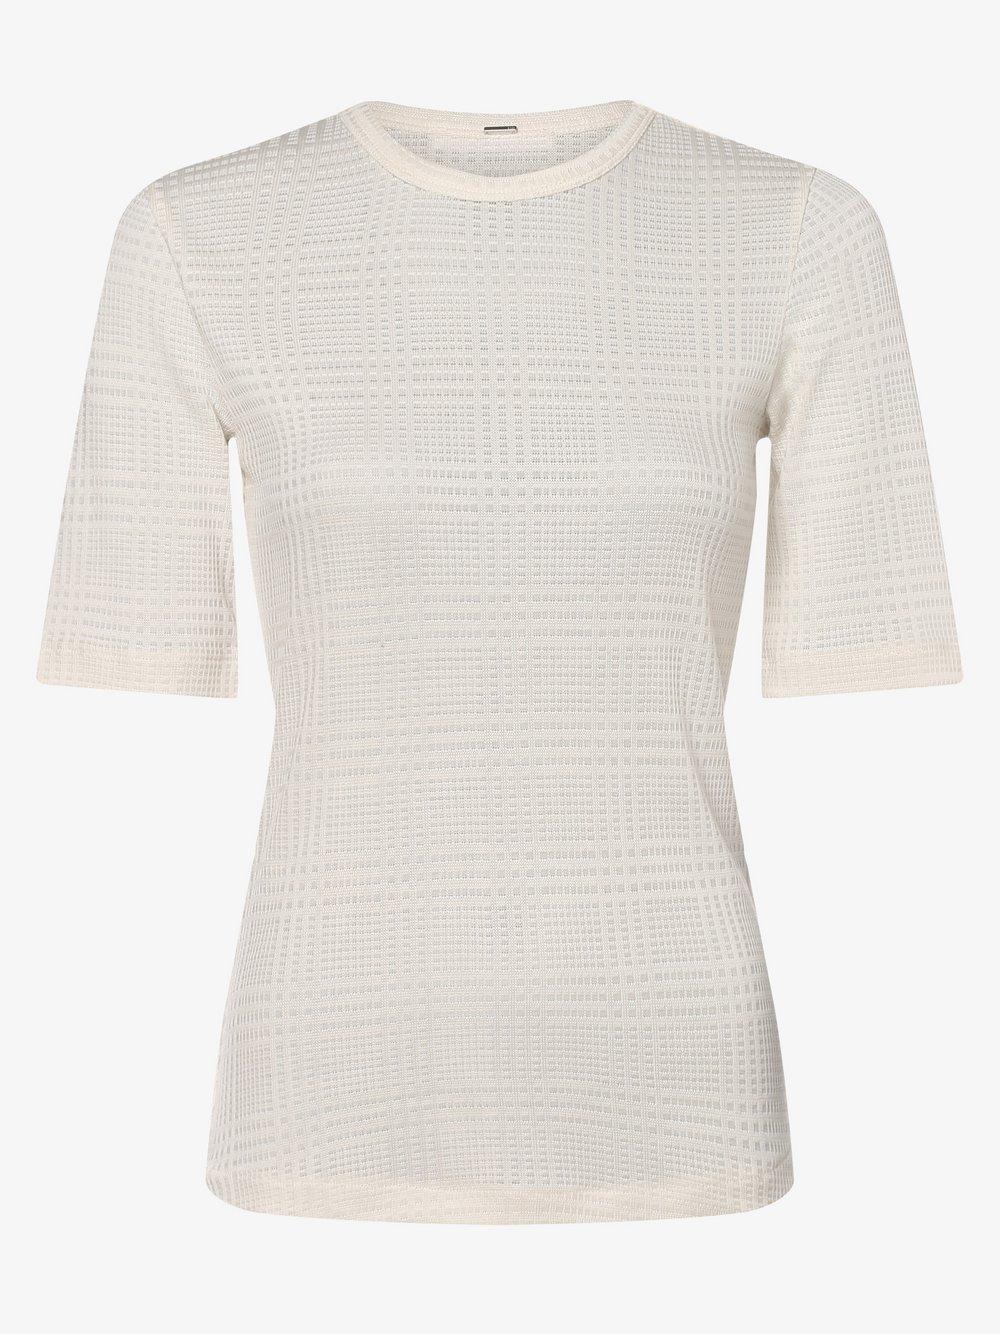 BOSS - T-shirt damski – Egrada, biały